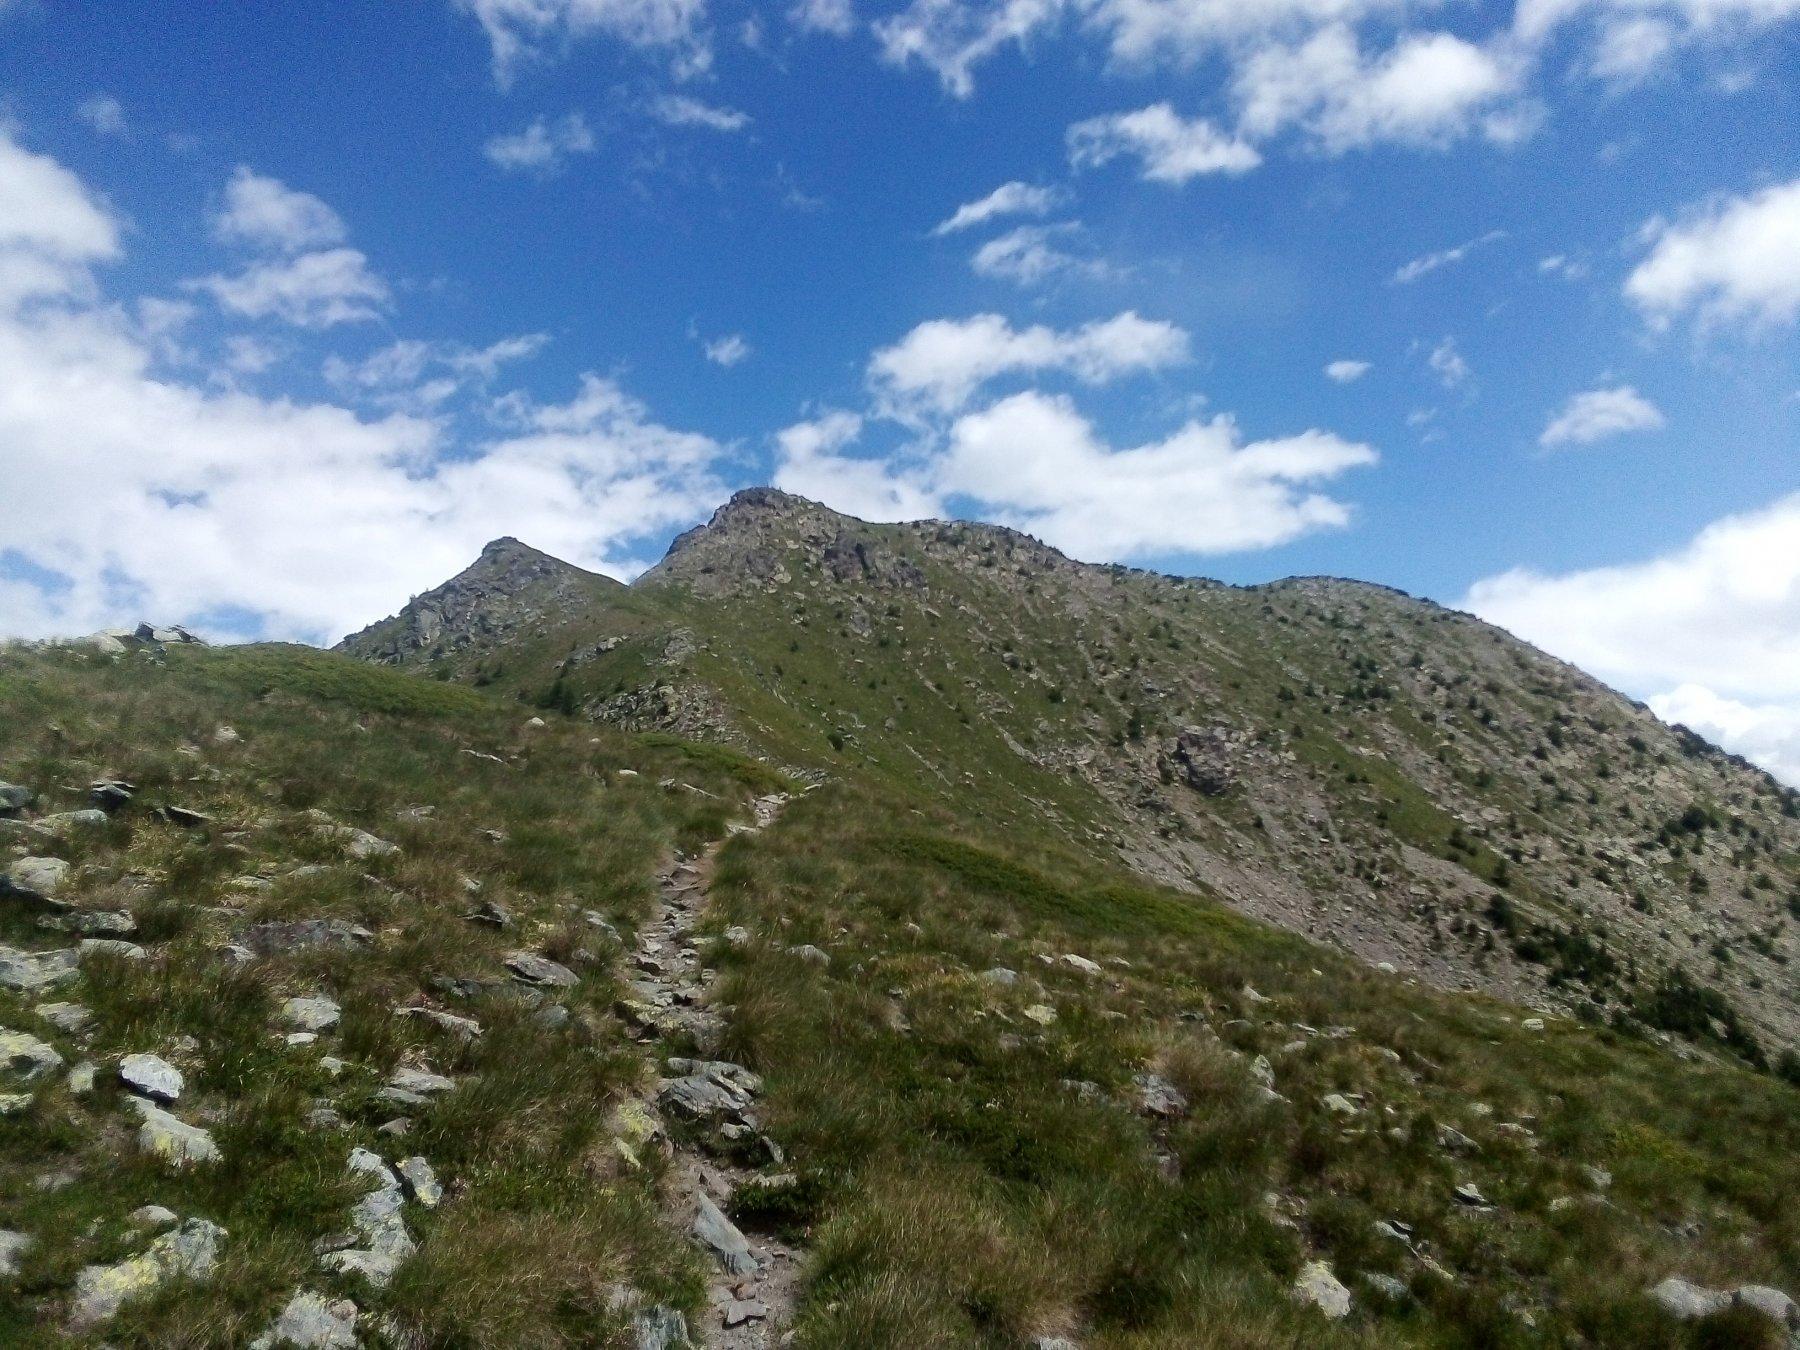 La cresta verso la cima vista dal colle.